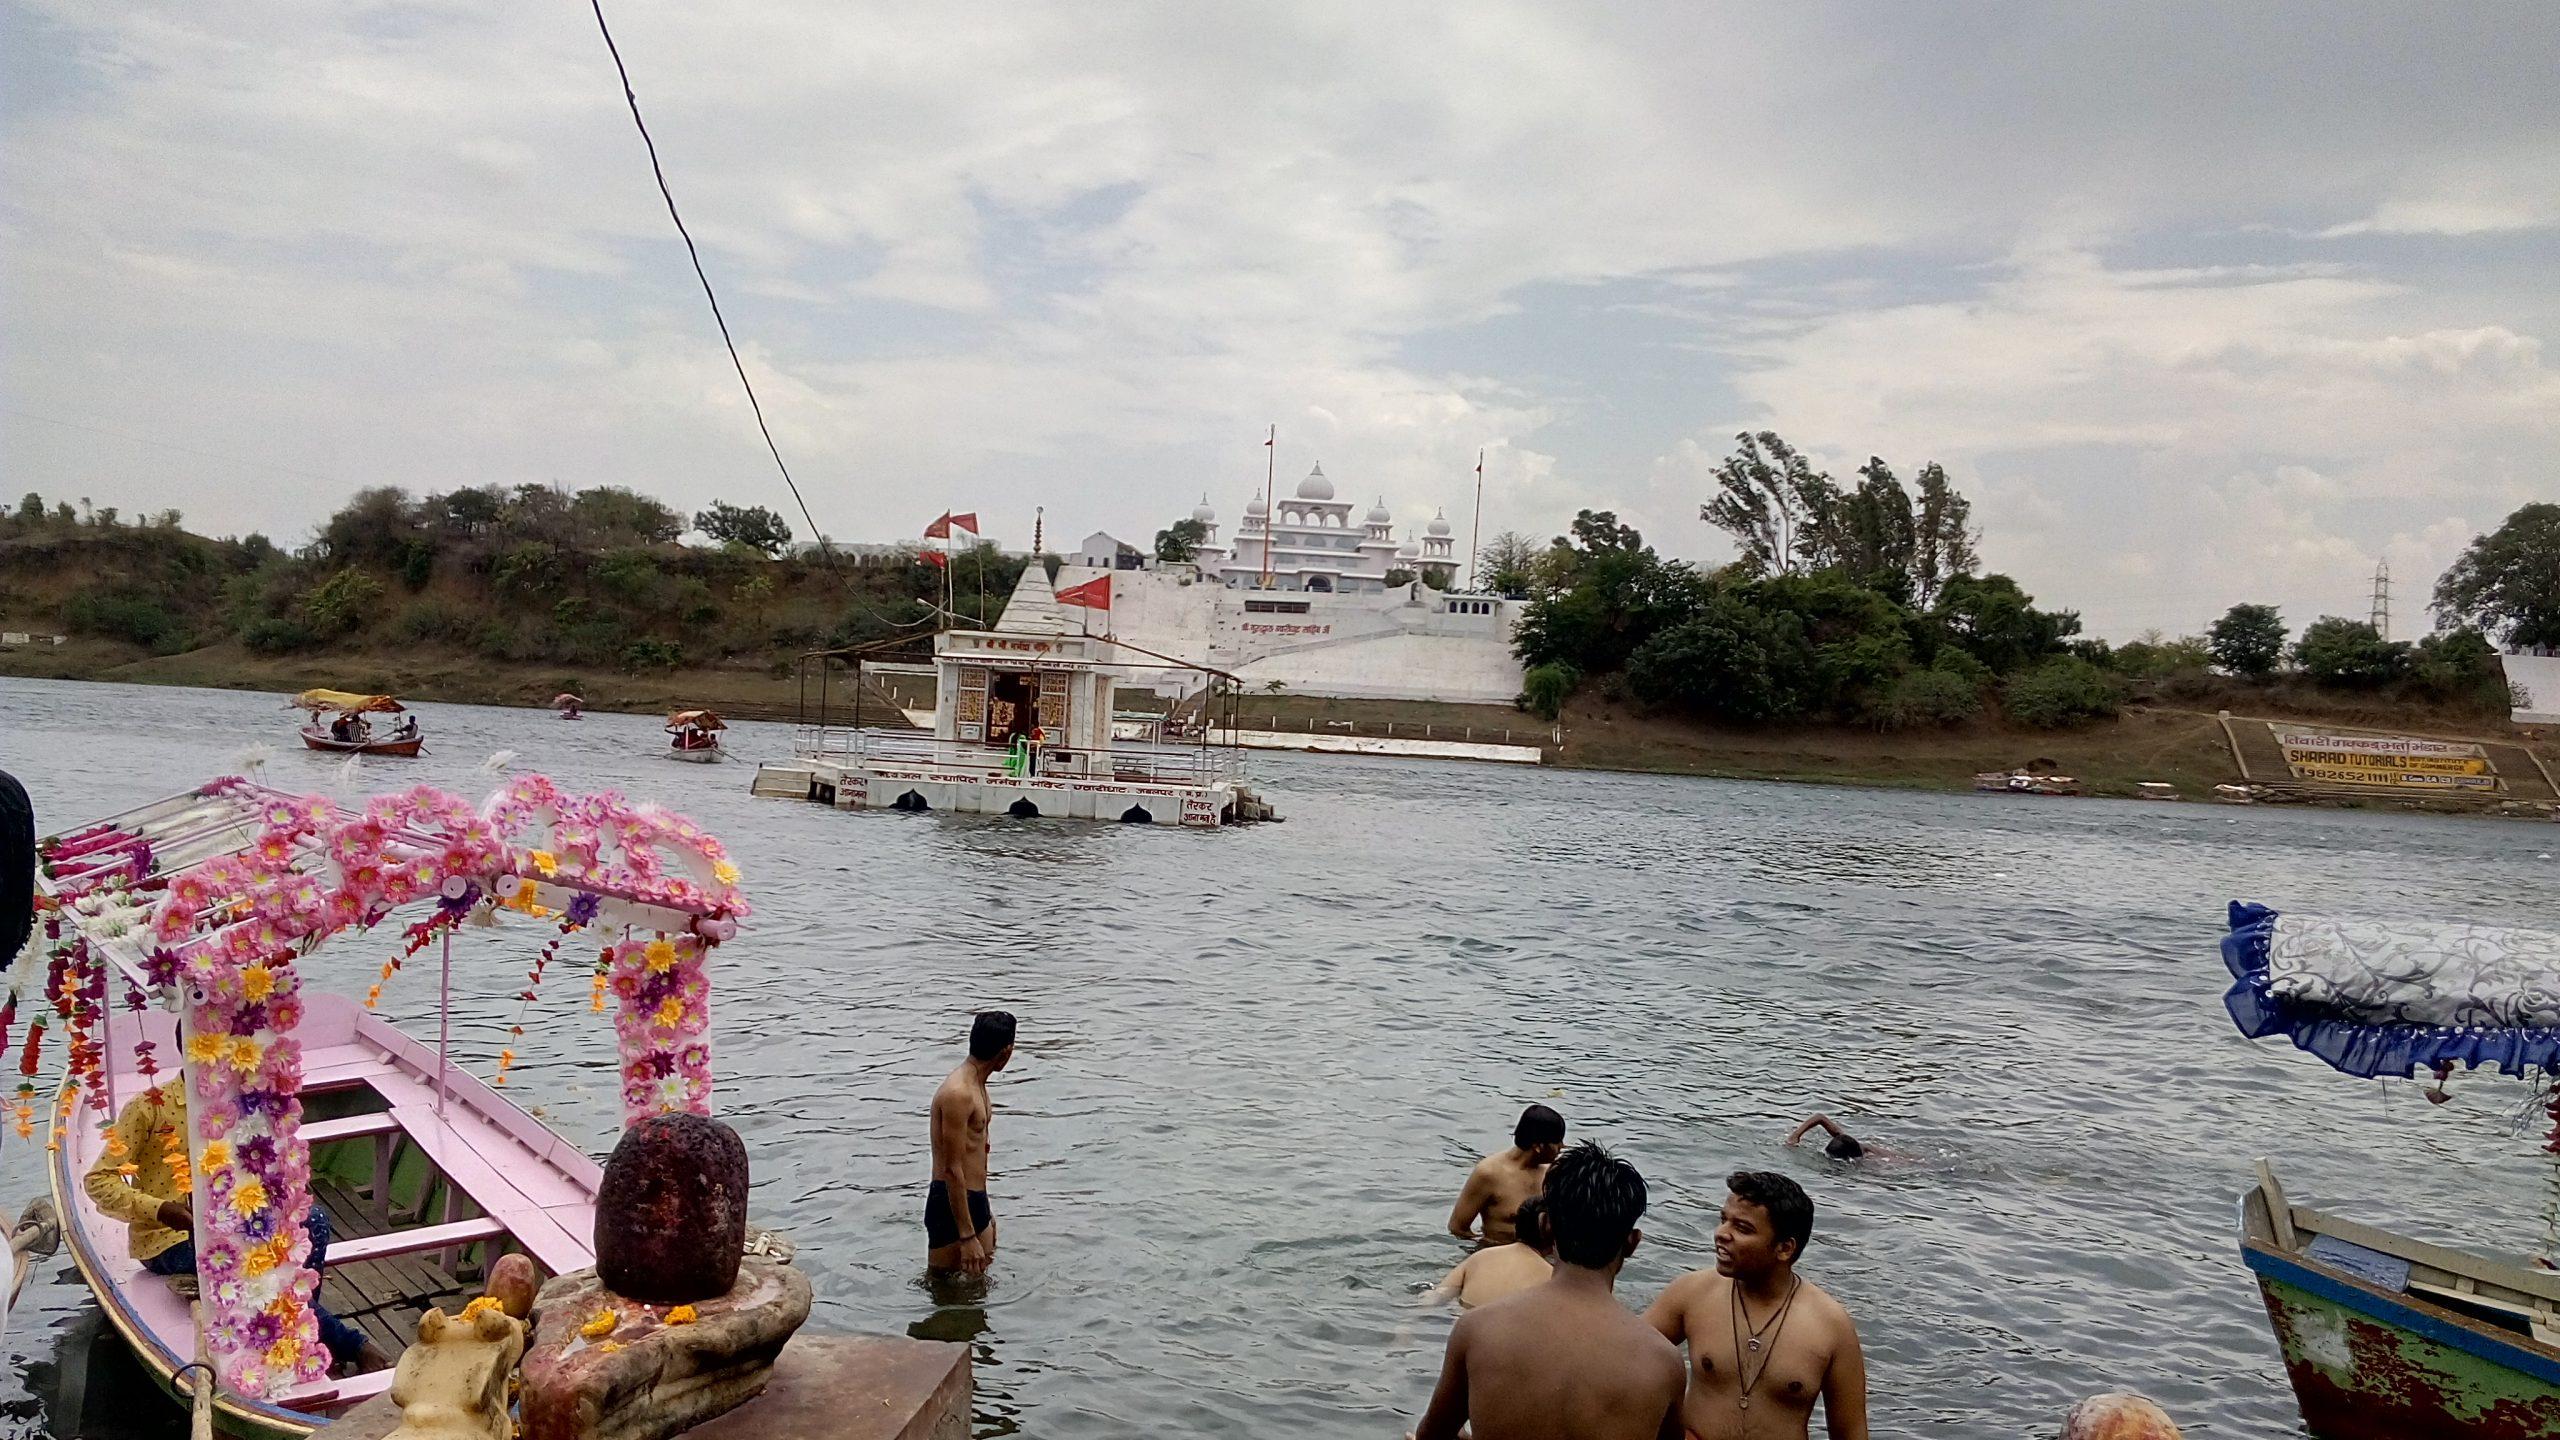 Gwarighat Best Place In Jabalpur